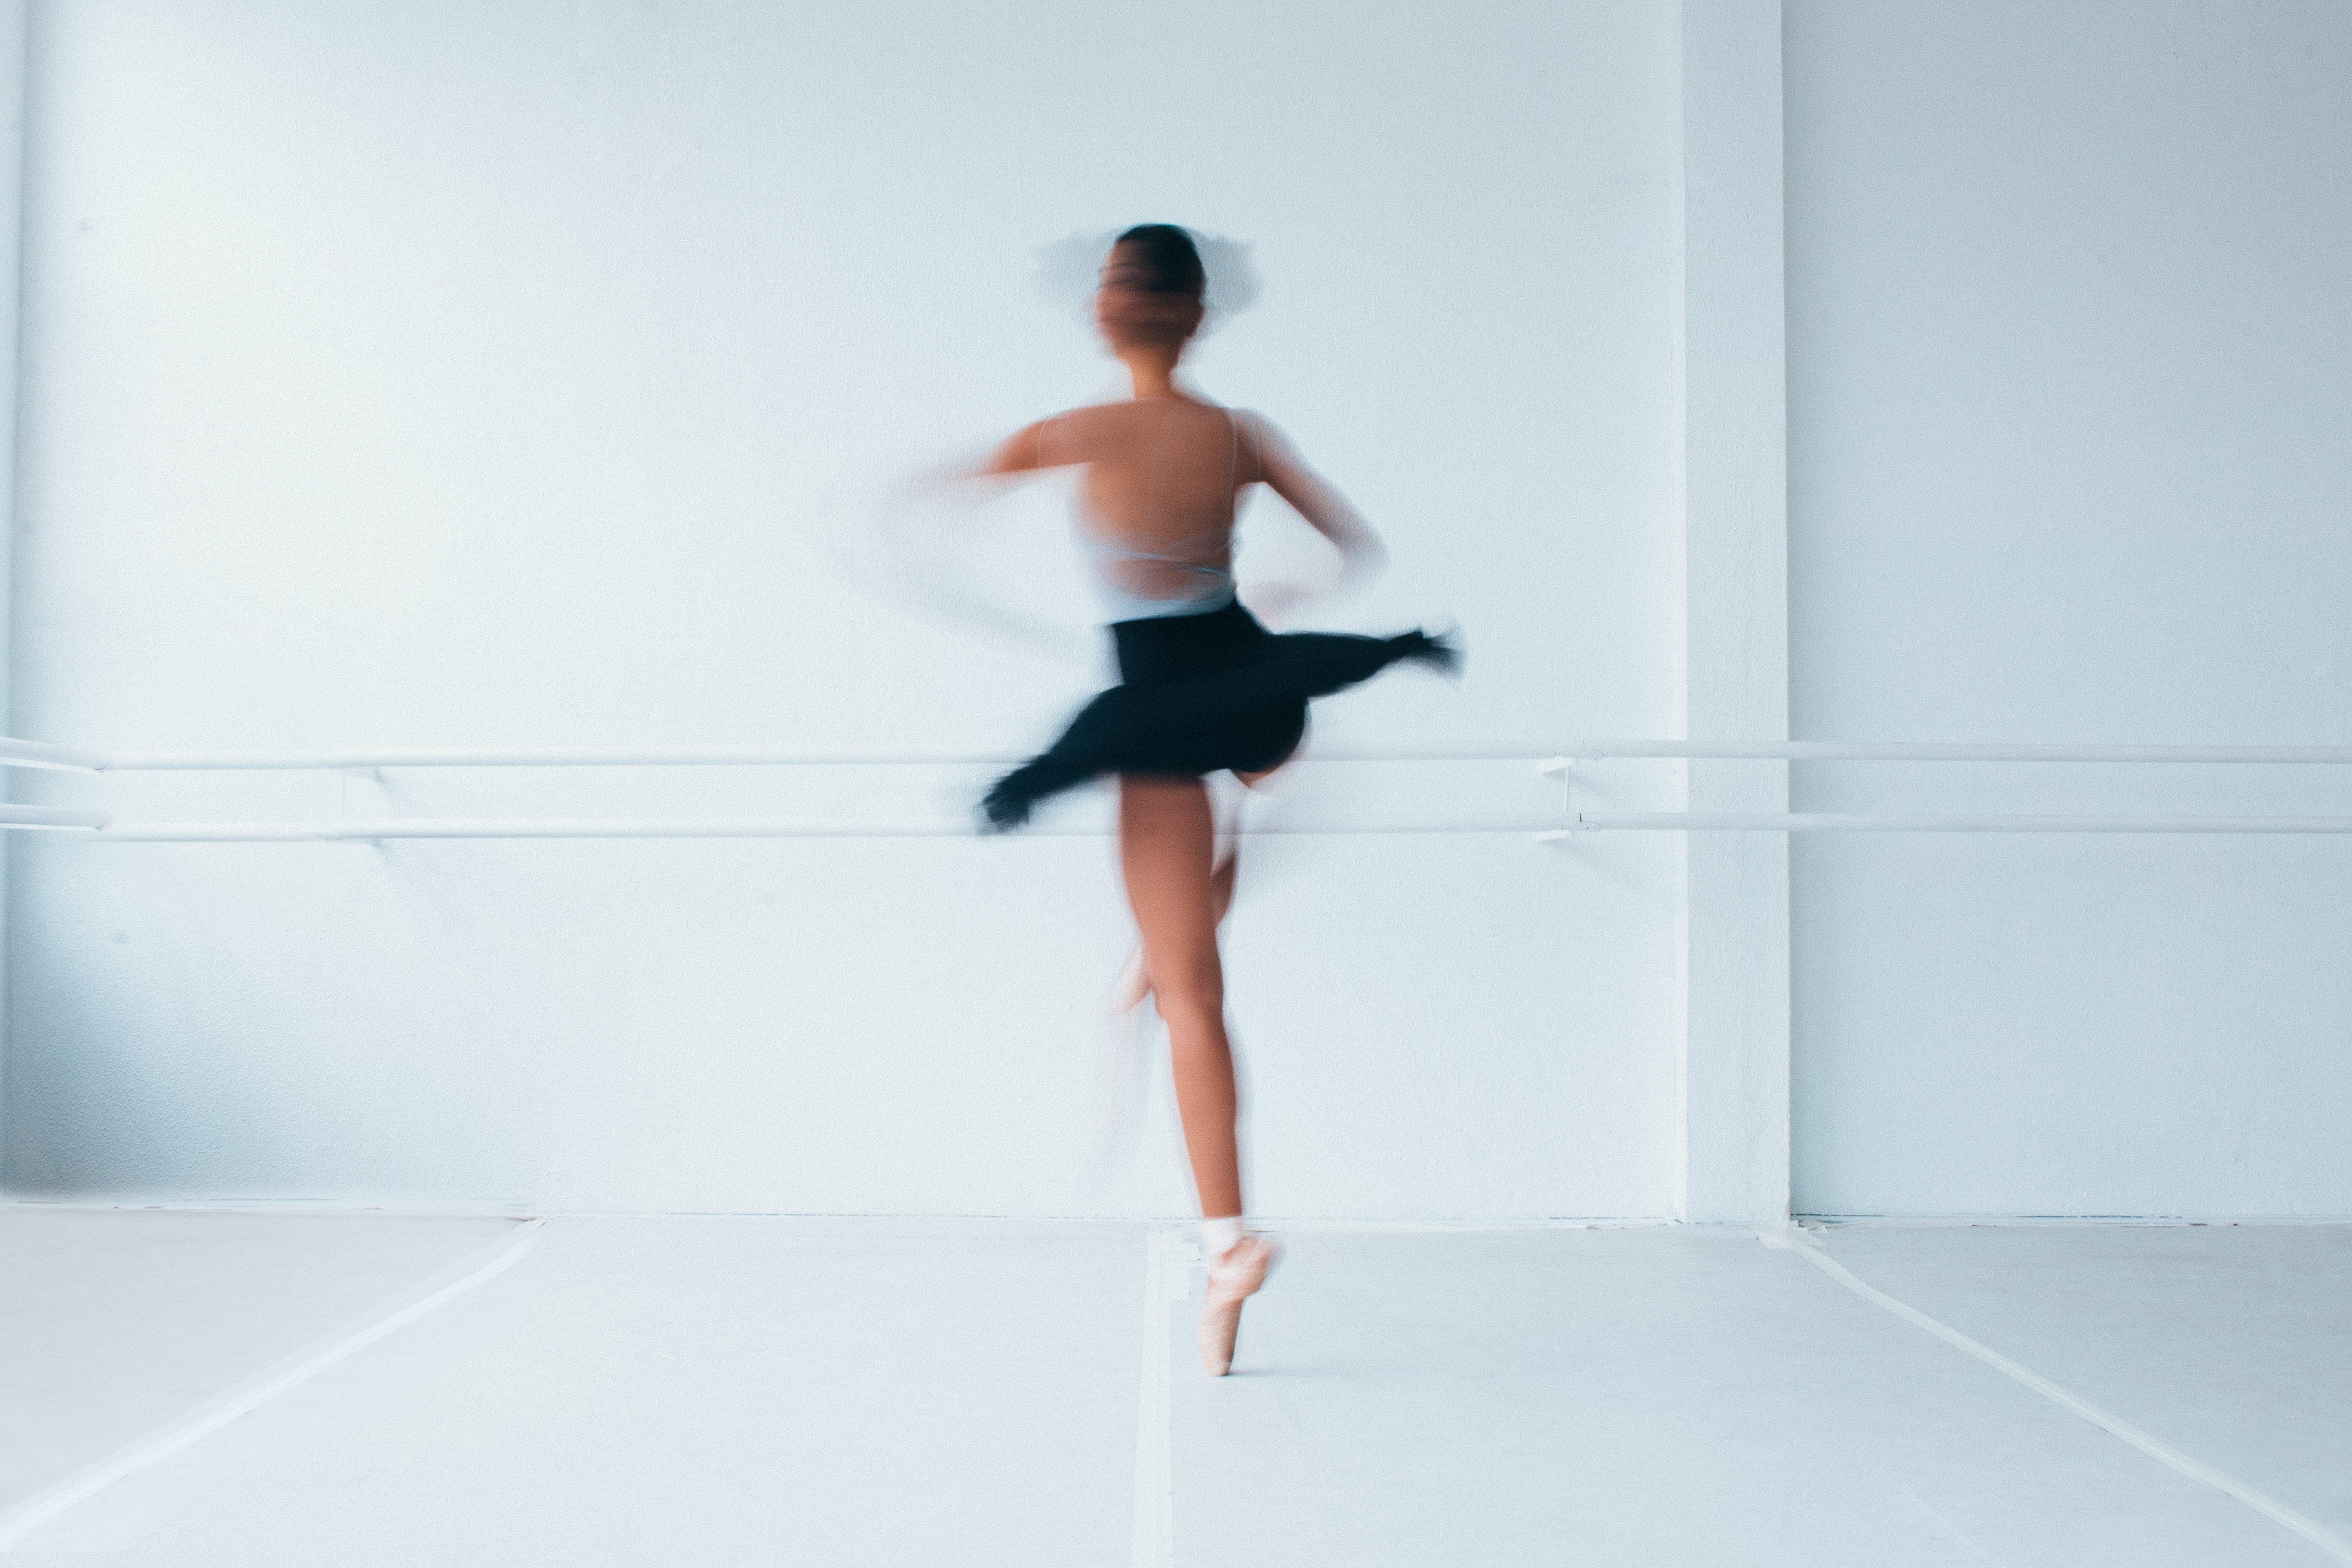 Spinning Ballerina